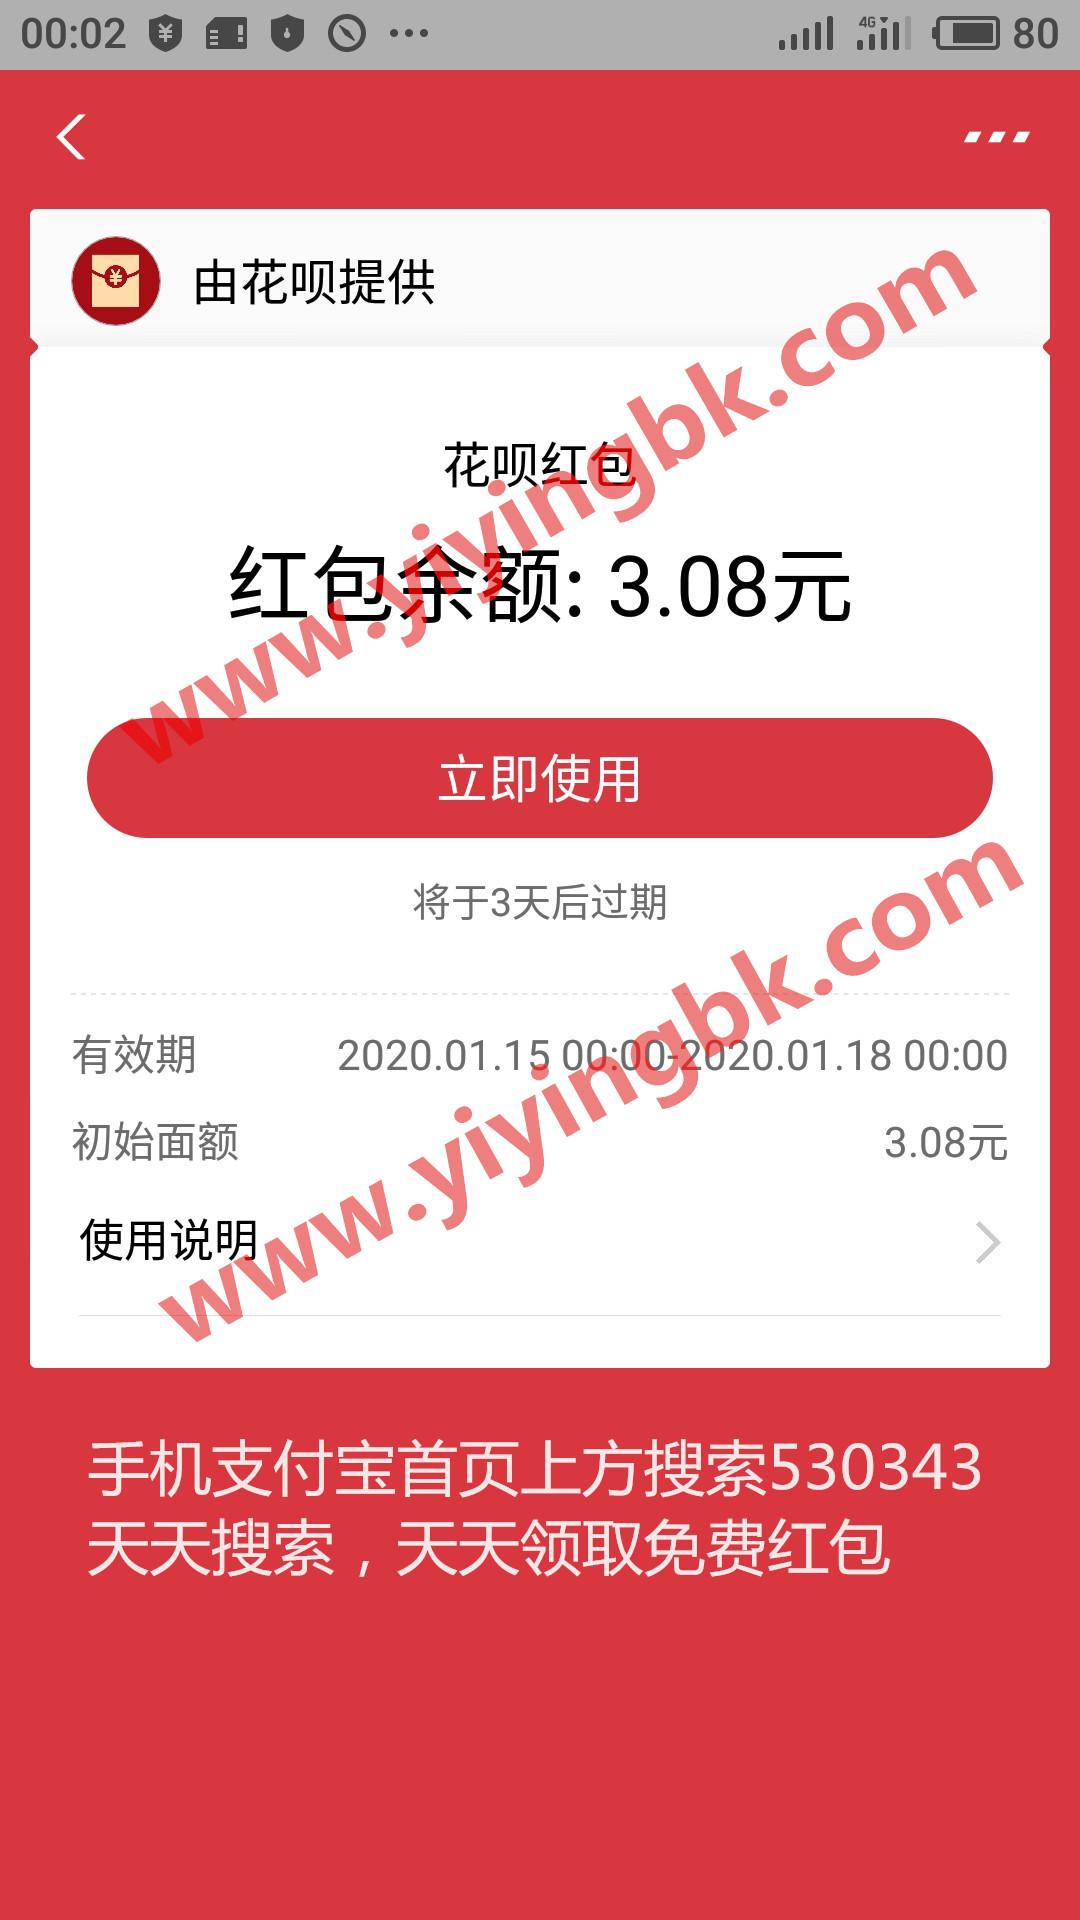 支付宝免费送的花呗红包3.08元